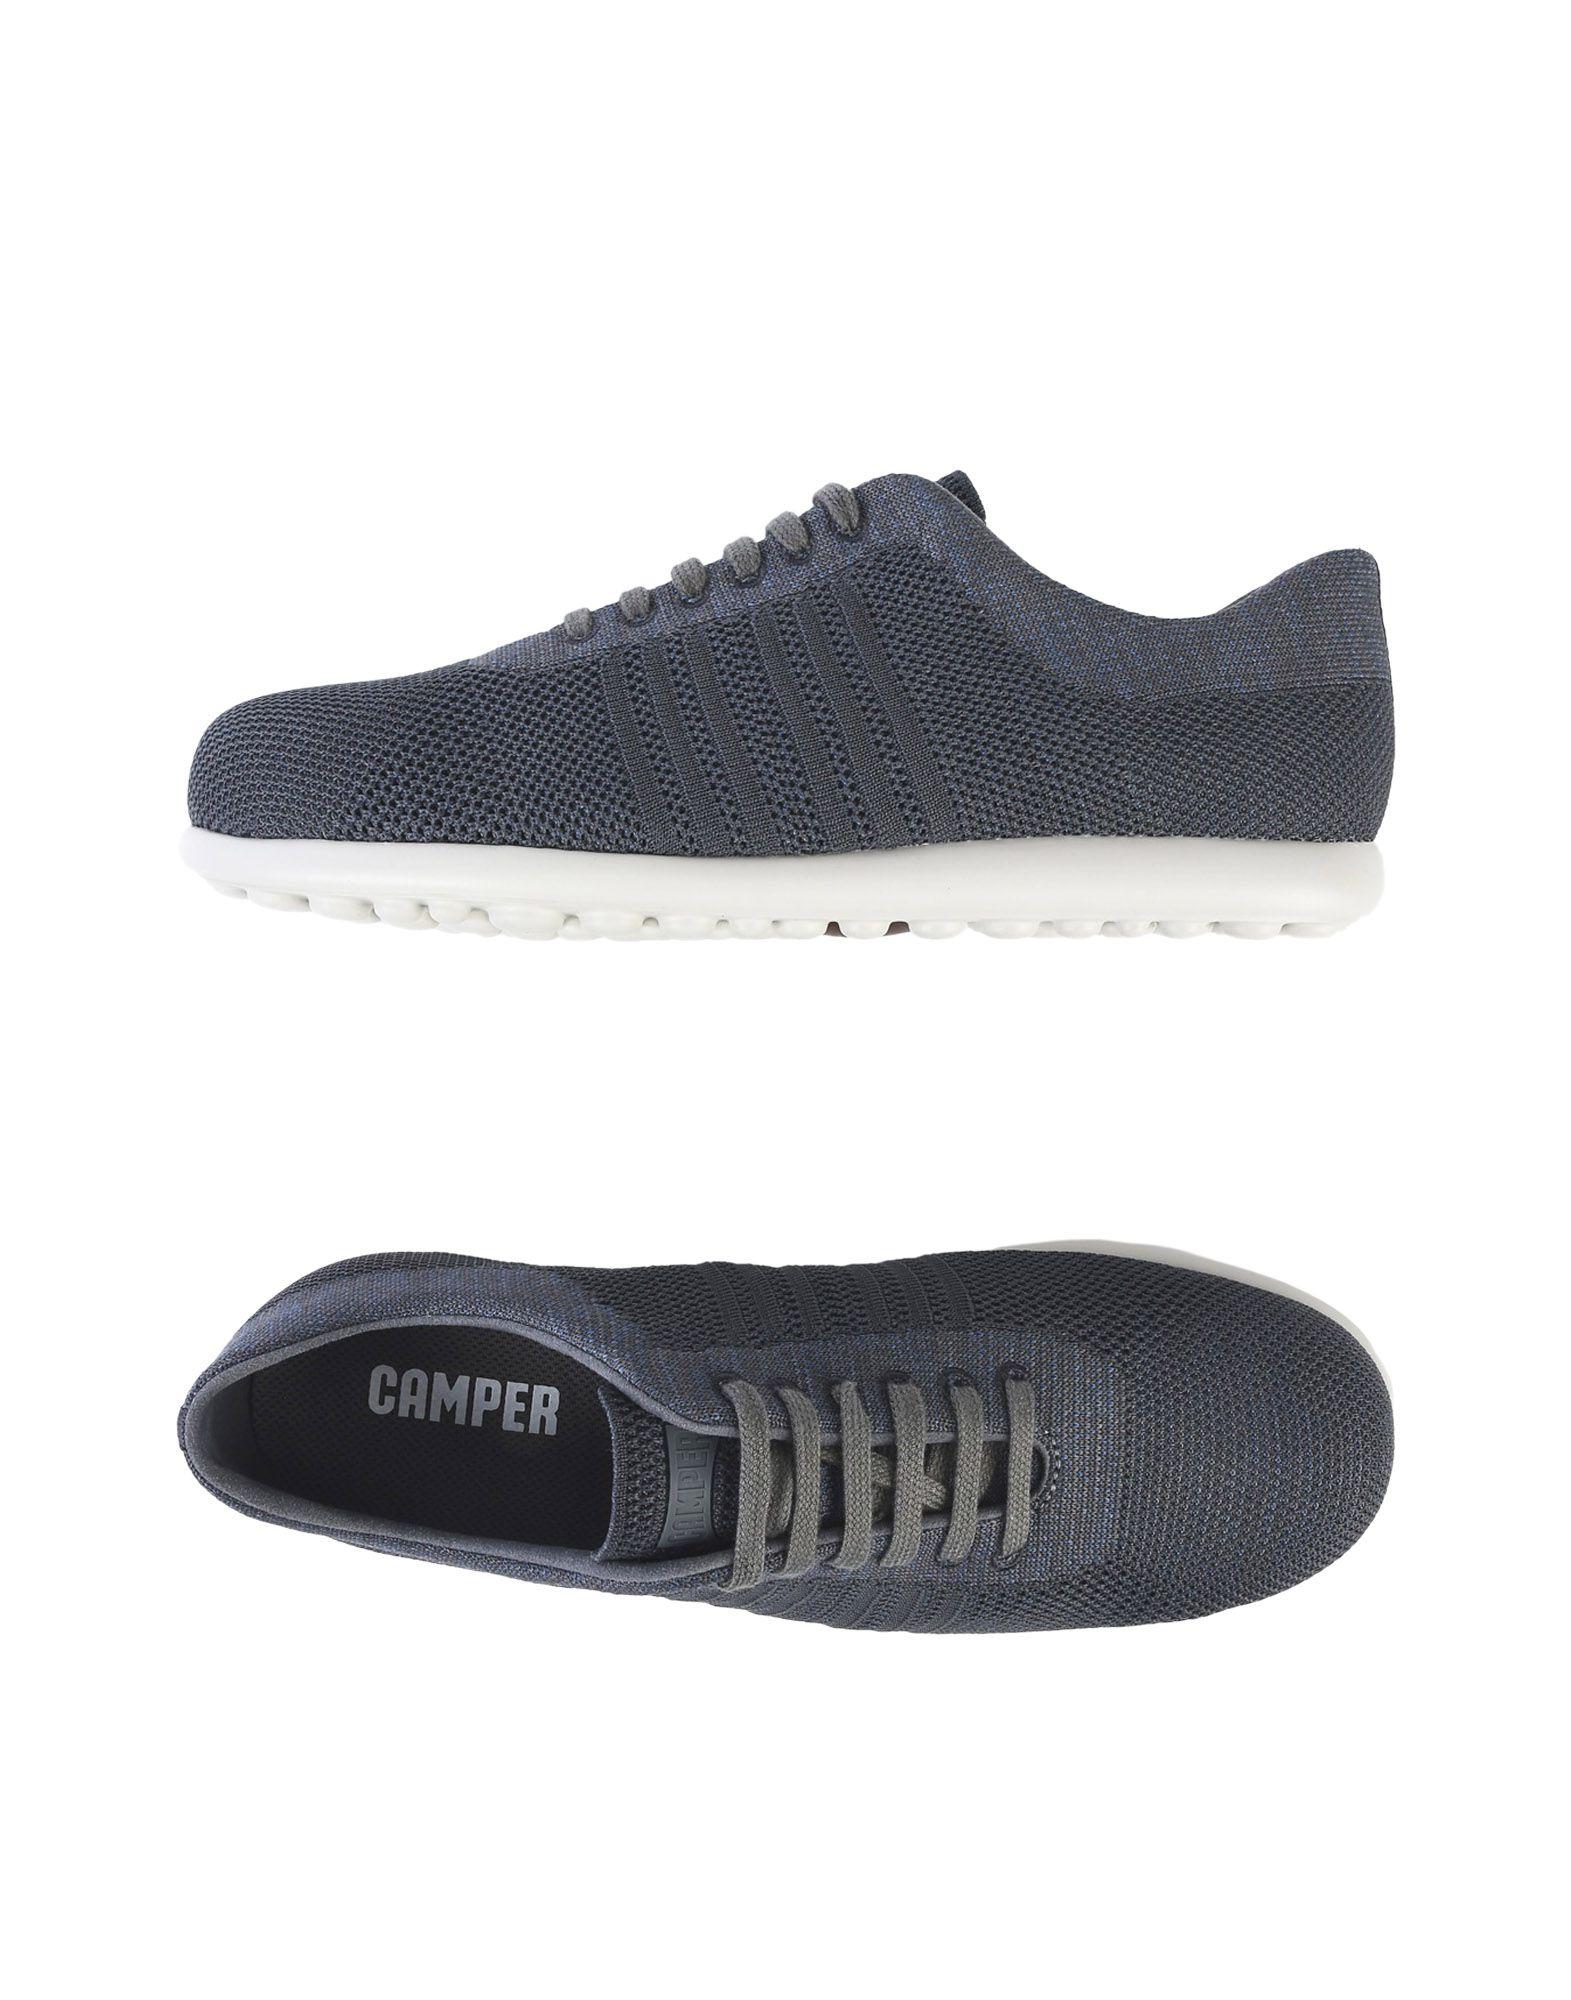 Sneakers Camper Pelotas Xl - Homme - Sneakers Camper sur